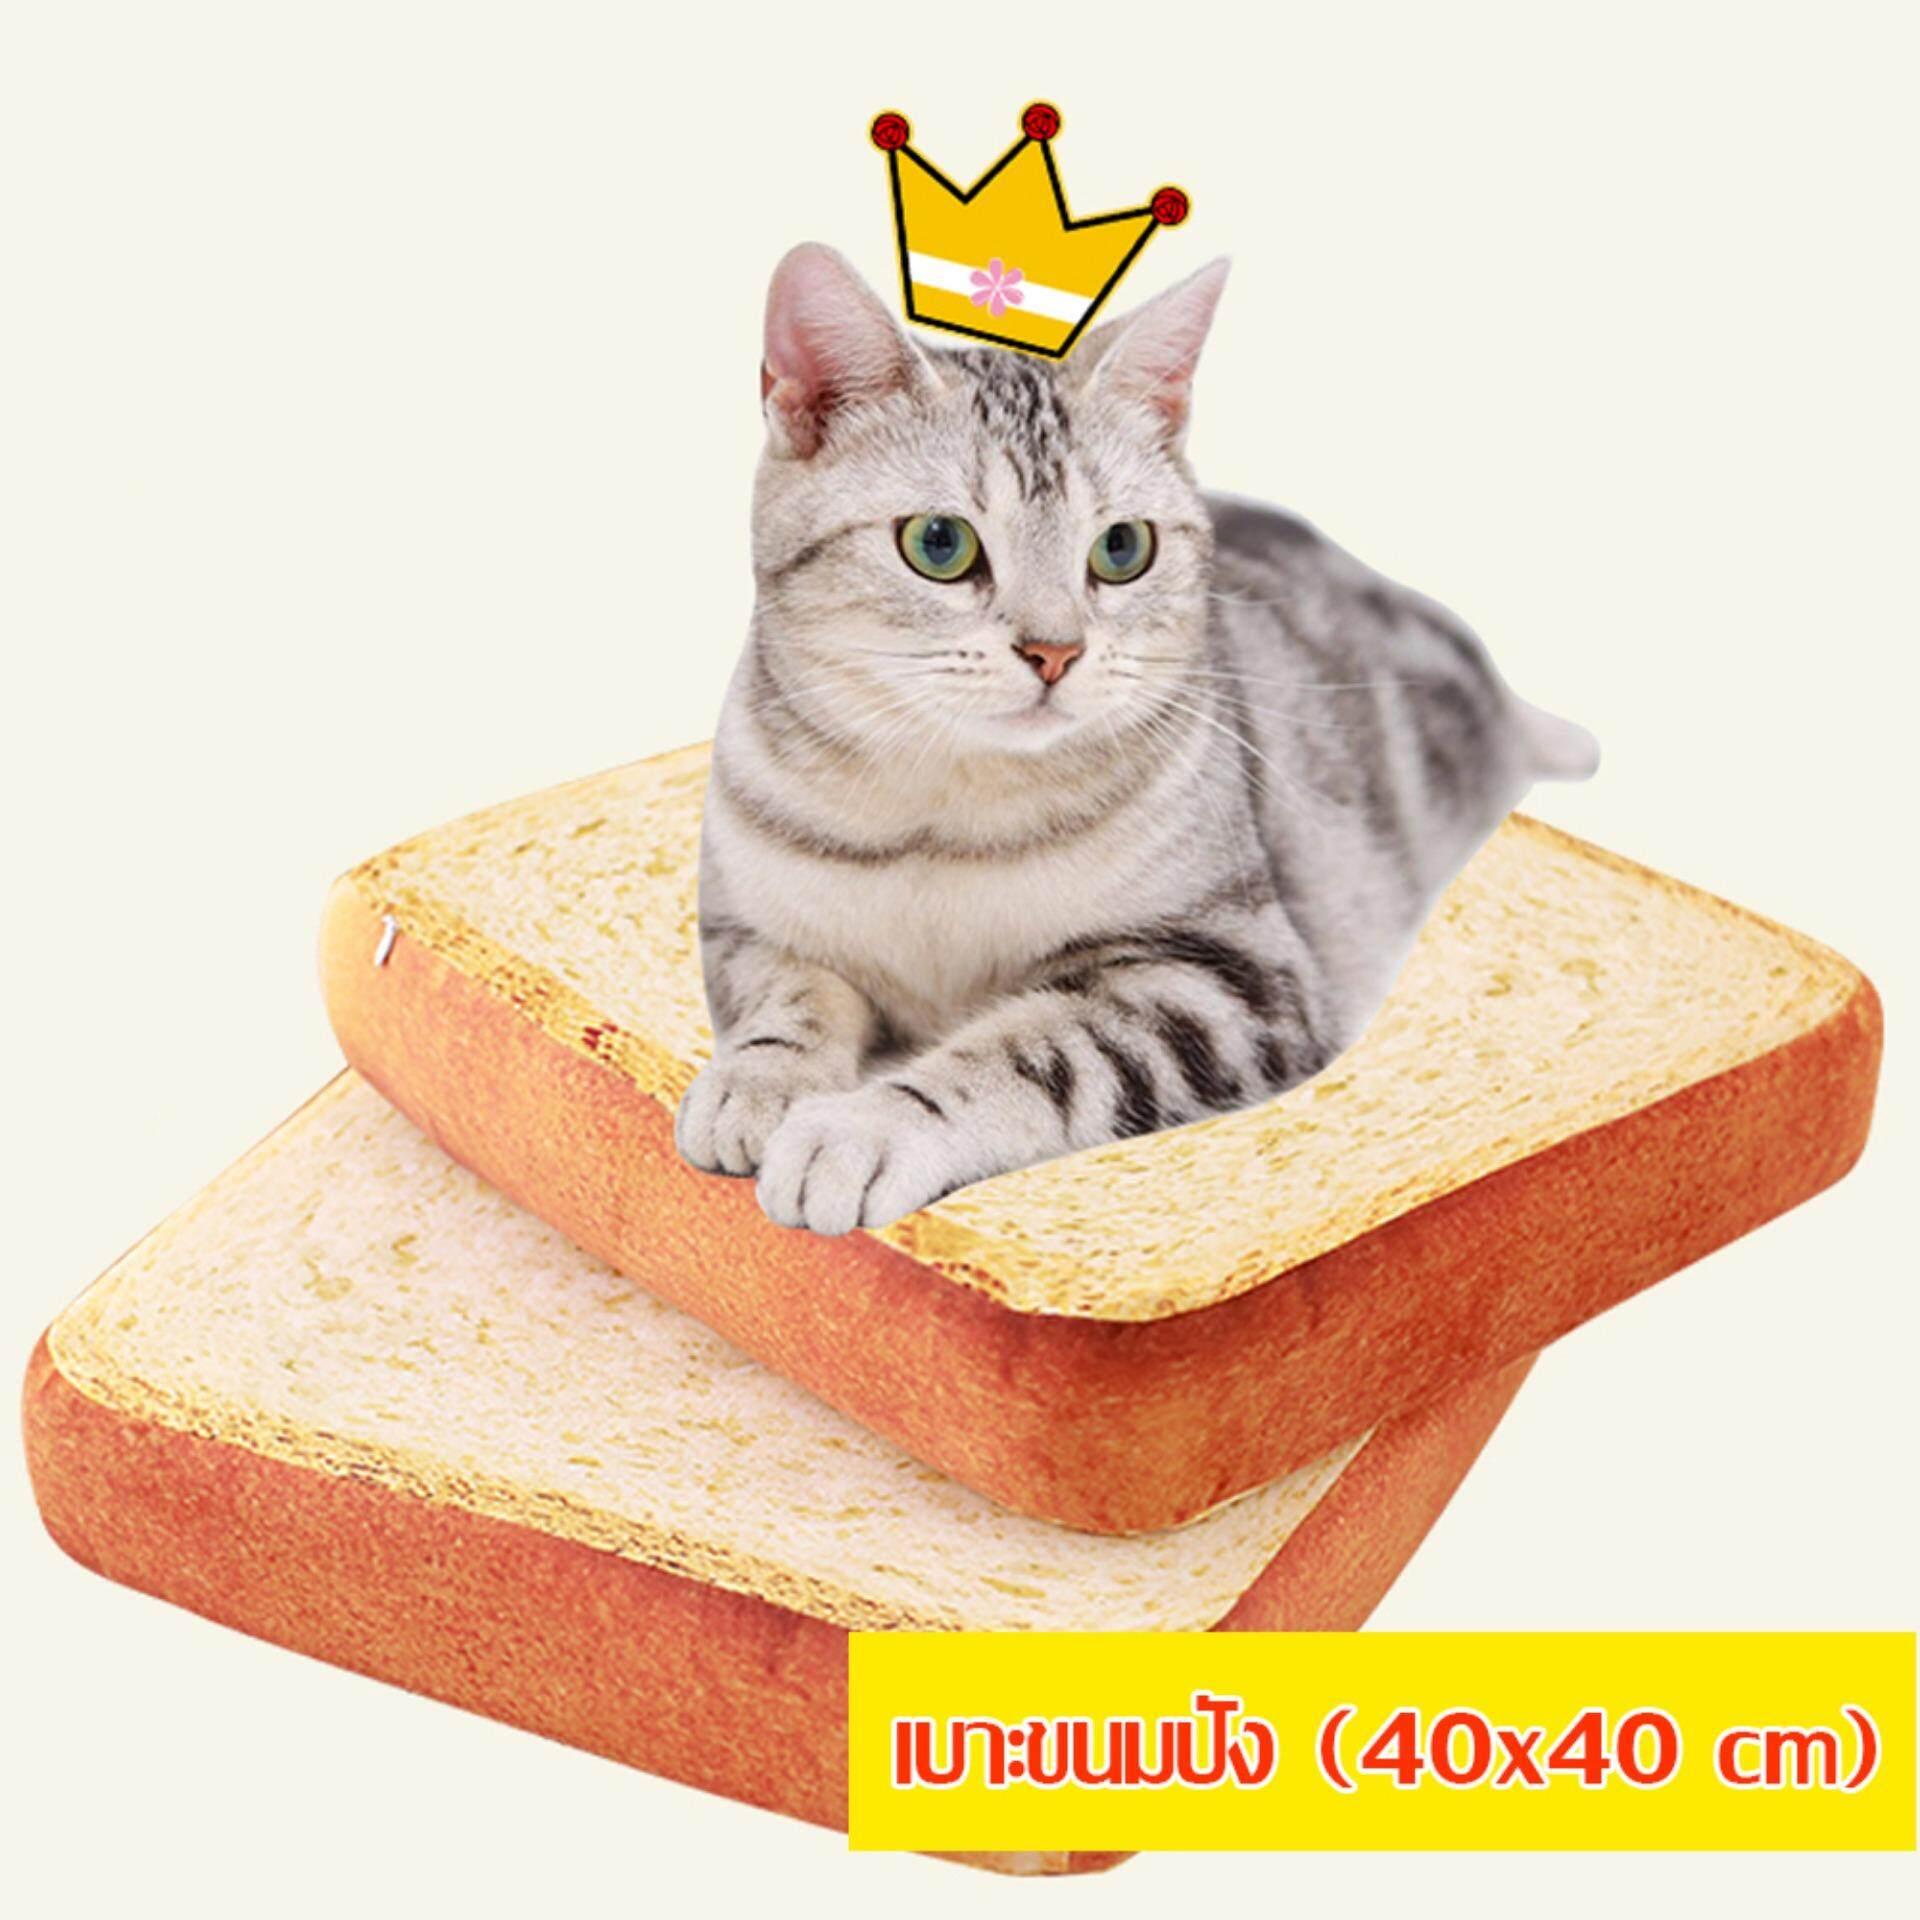 ซื้อ Petstory ที่นอนขนมปัง เบาะขนมปัง ที่นอนแมว เบาะแมว ขนาด 40Cm Petstory